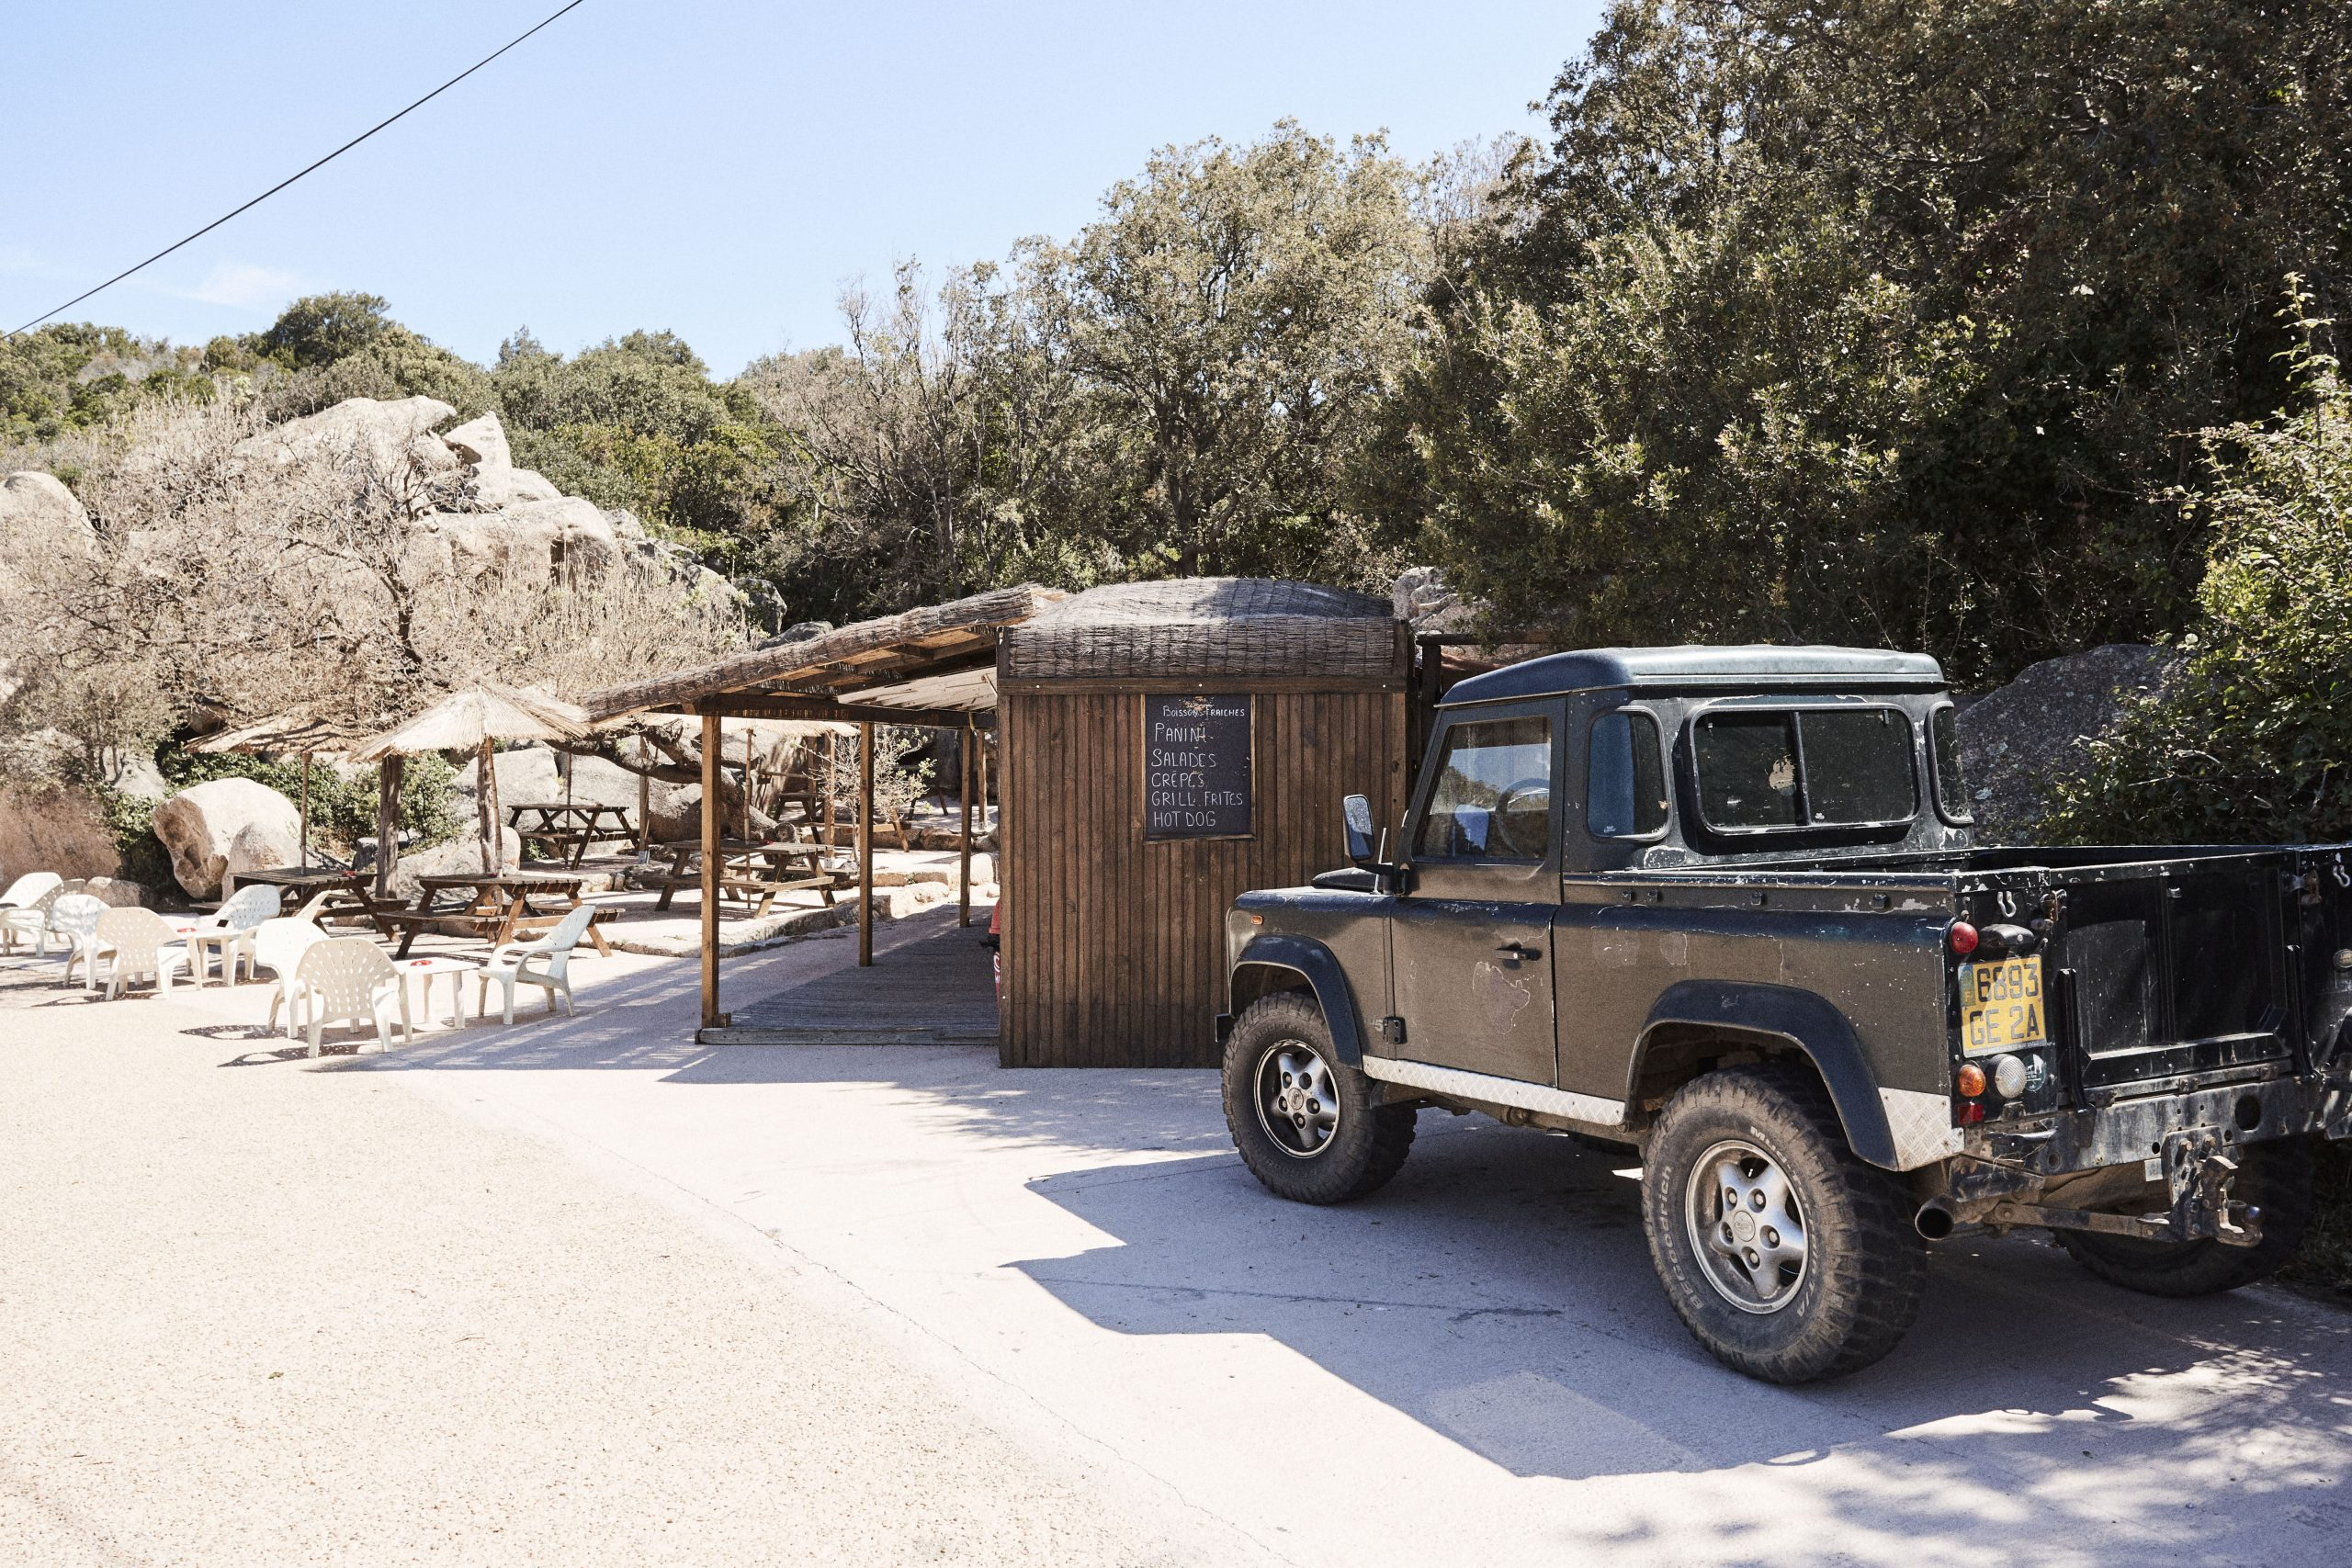 Corsica_0619_0P4A6251